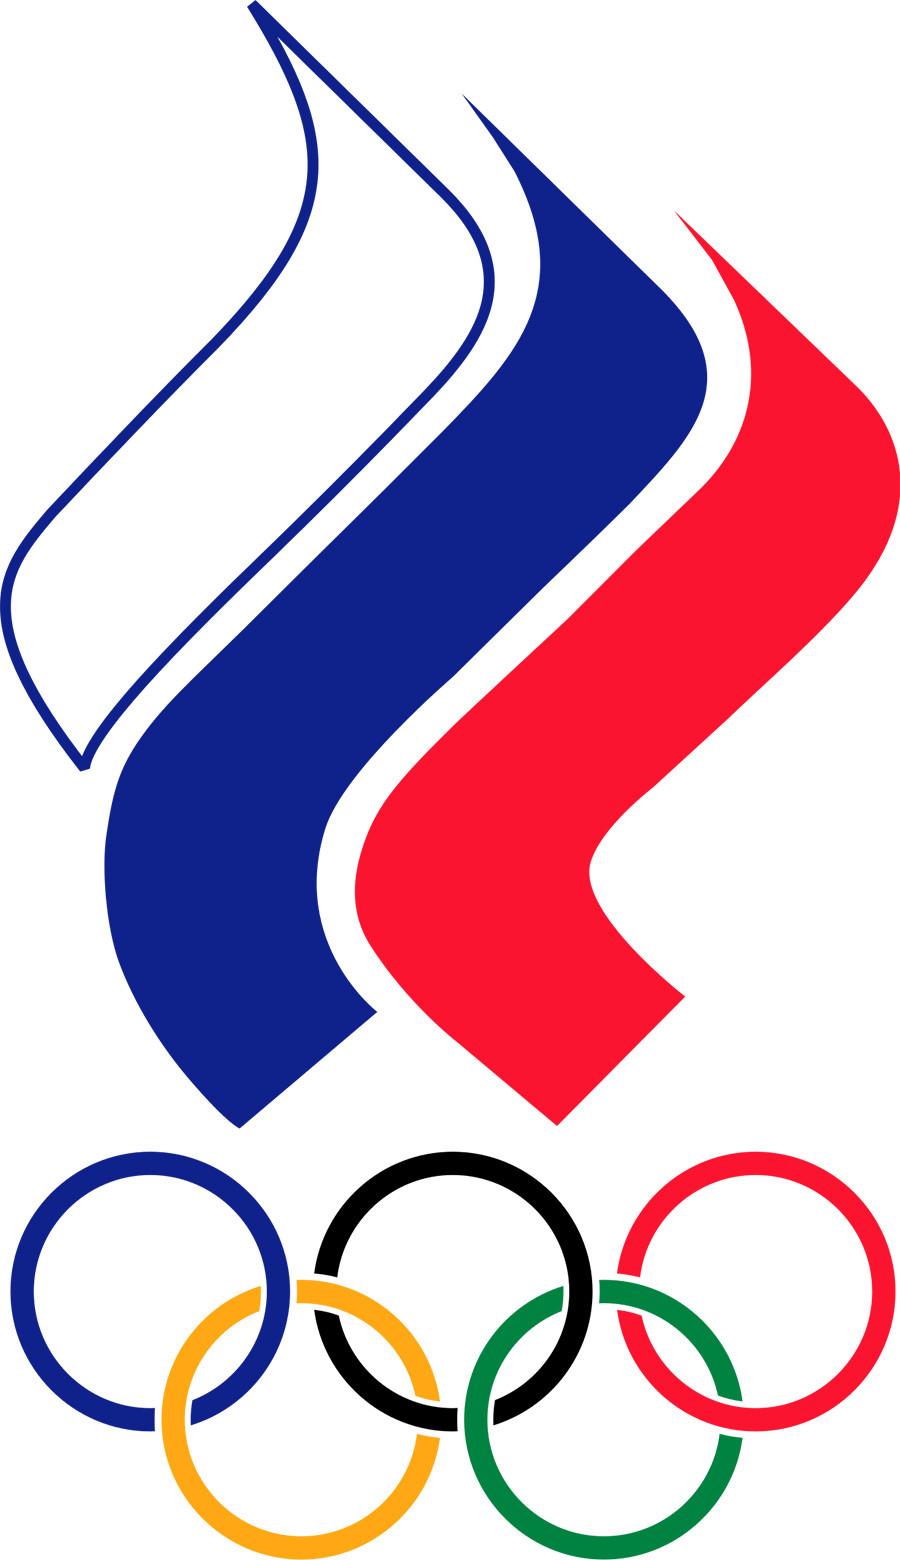 Emblème du Comité olympique russe